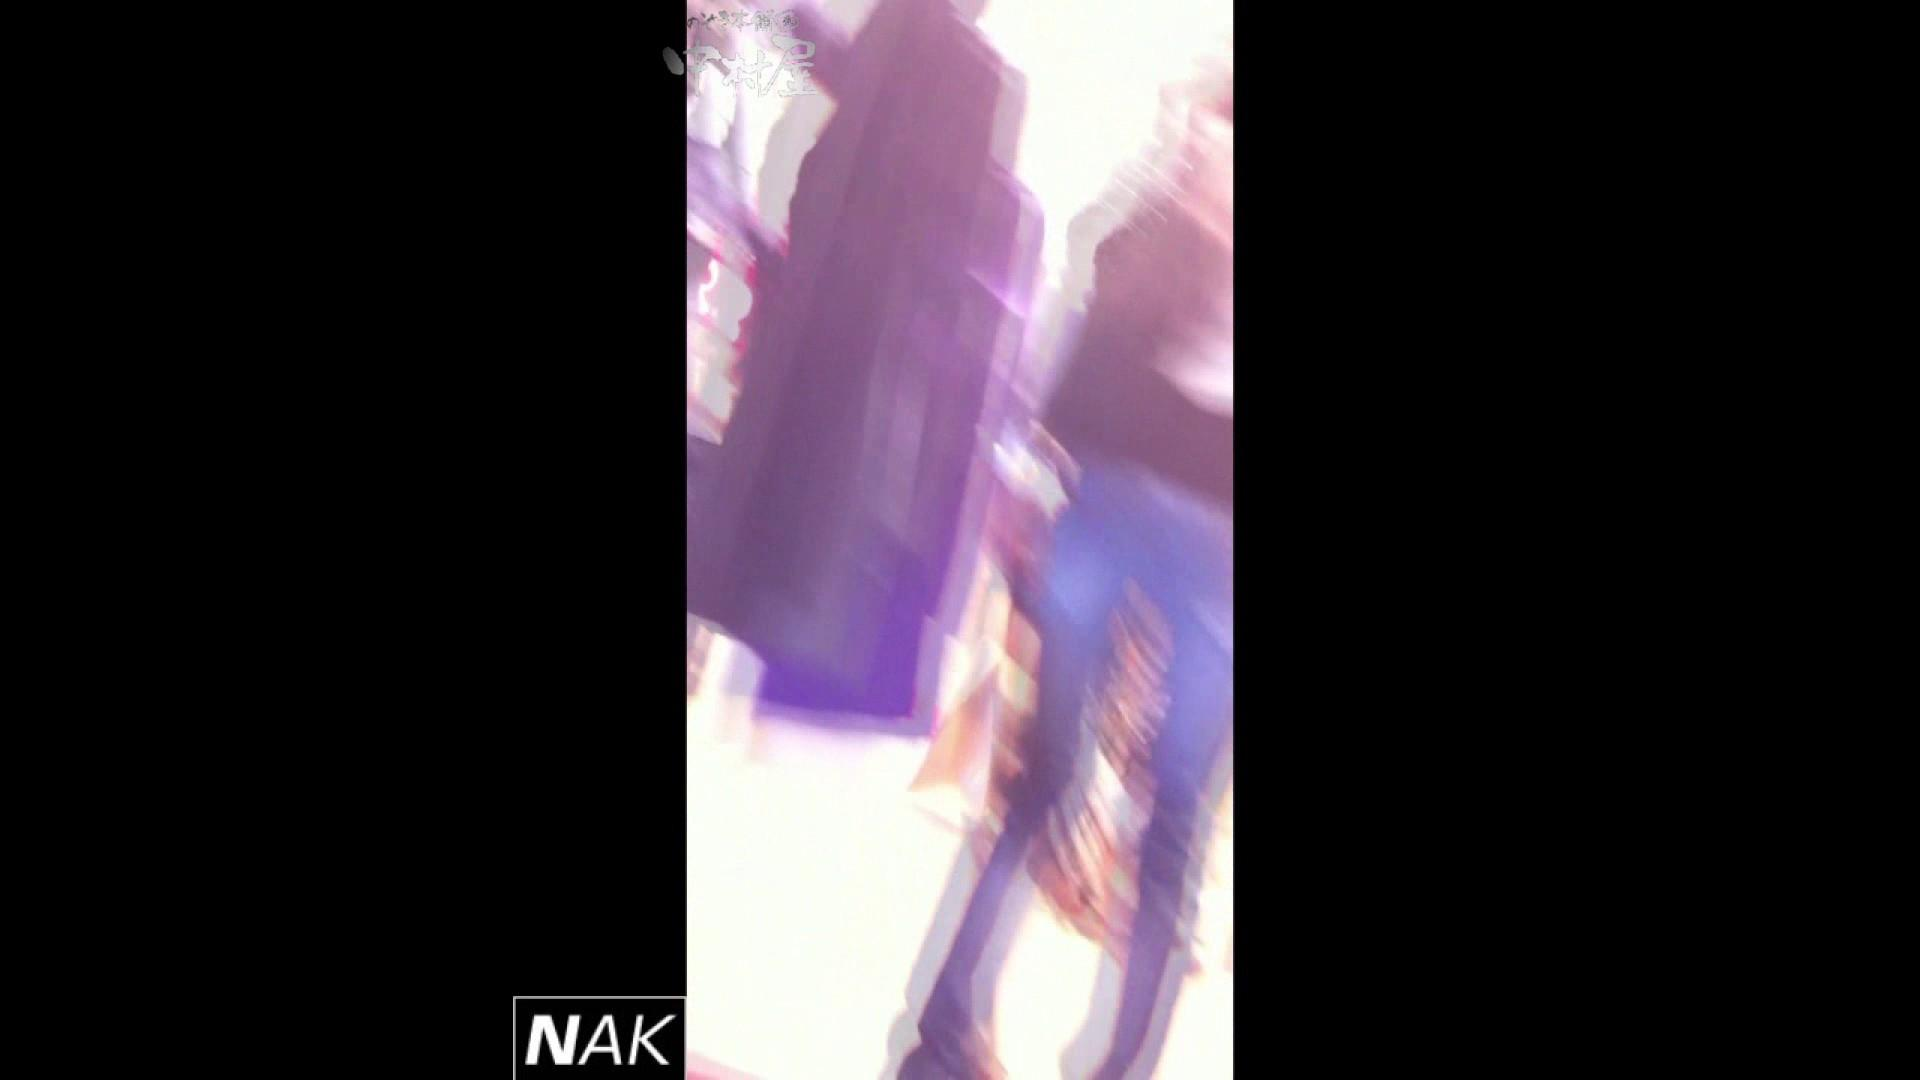 ハイビジョン盗撮!ショップ店員千人斬り!パンチラ編 vol.03 お姉さんのオマタ SEX無修正画像 110PIX 97